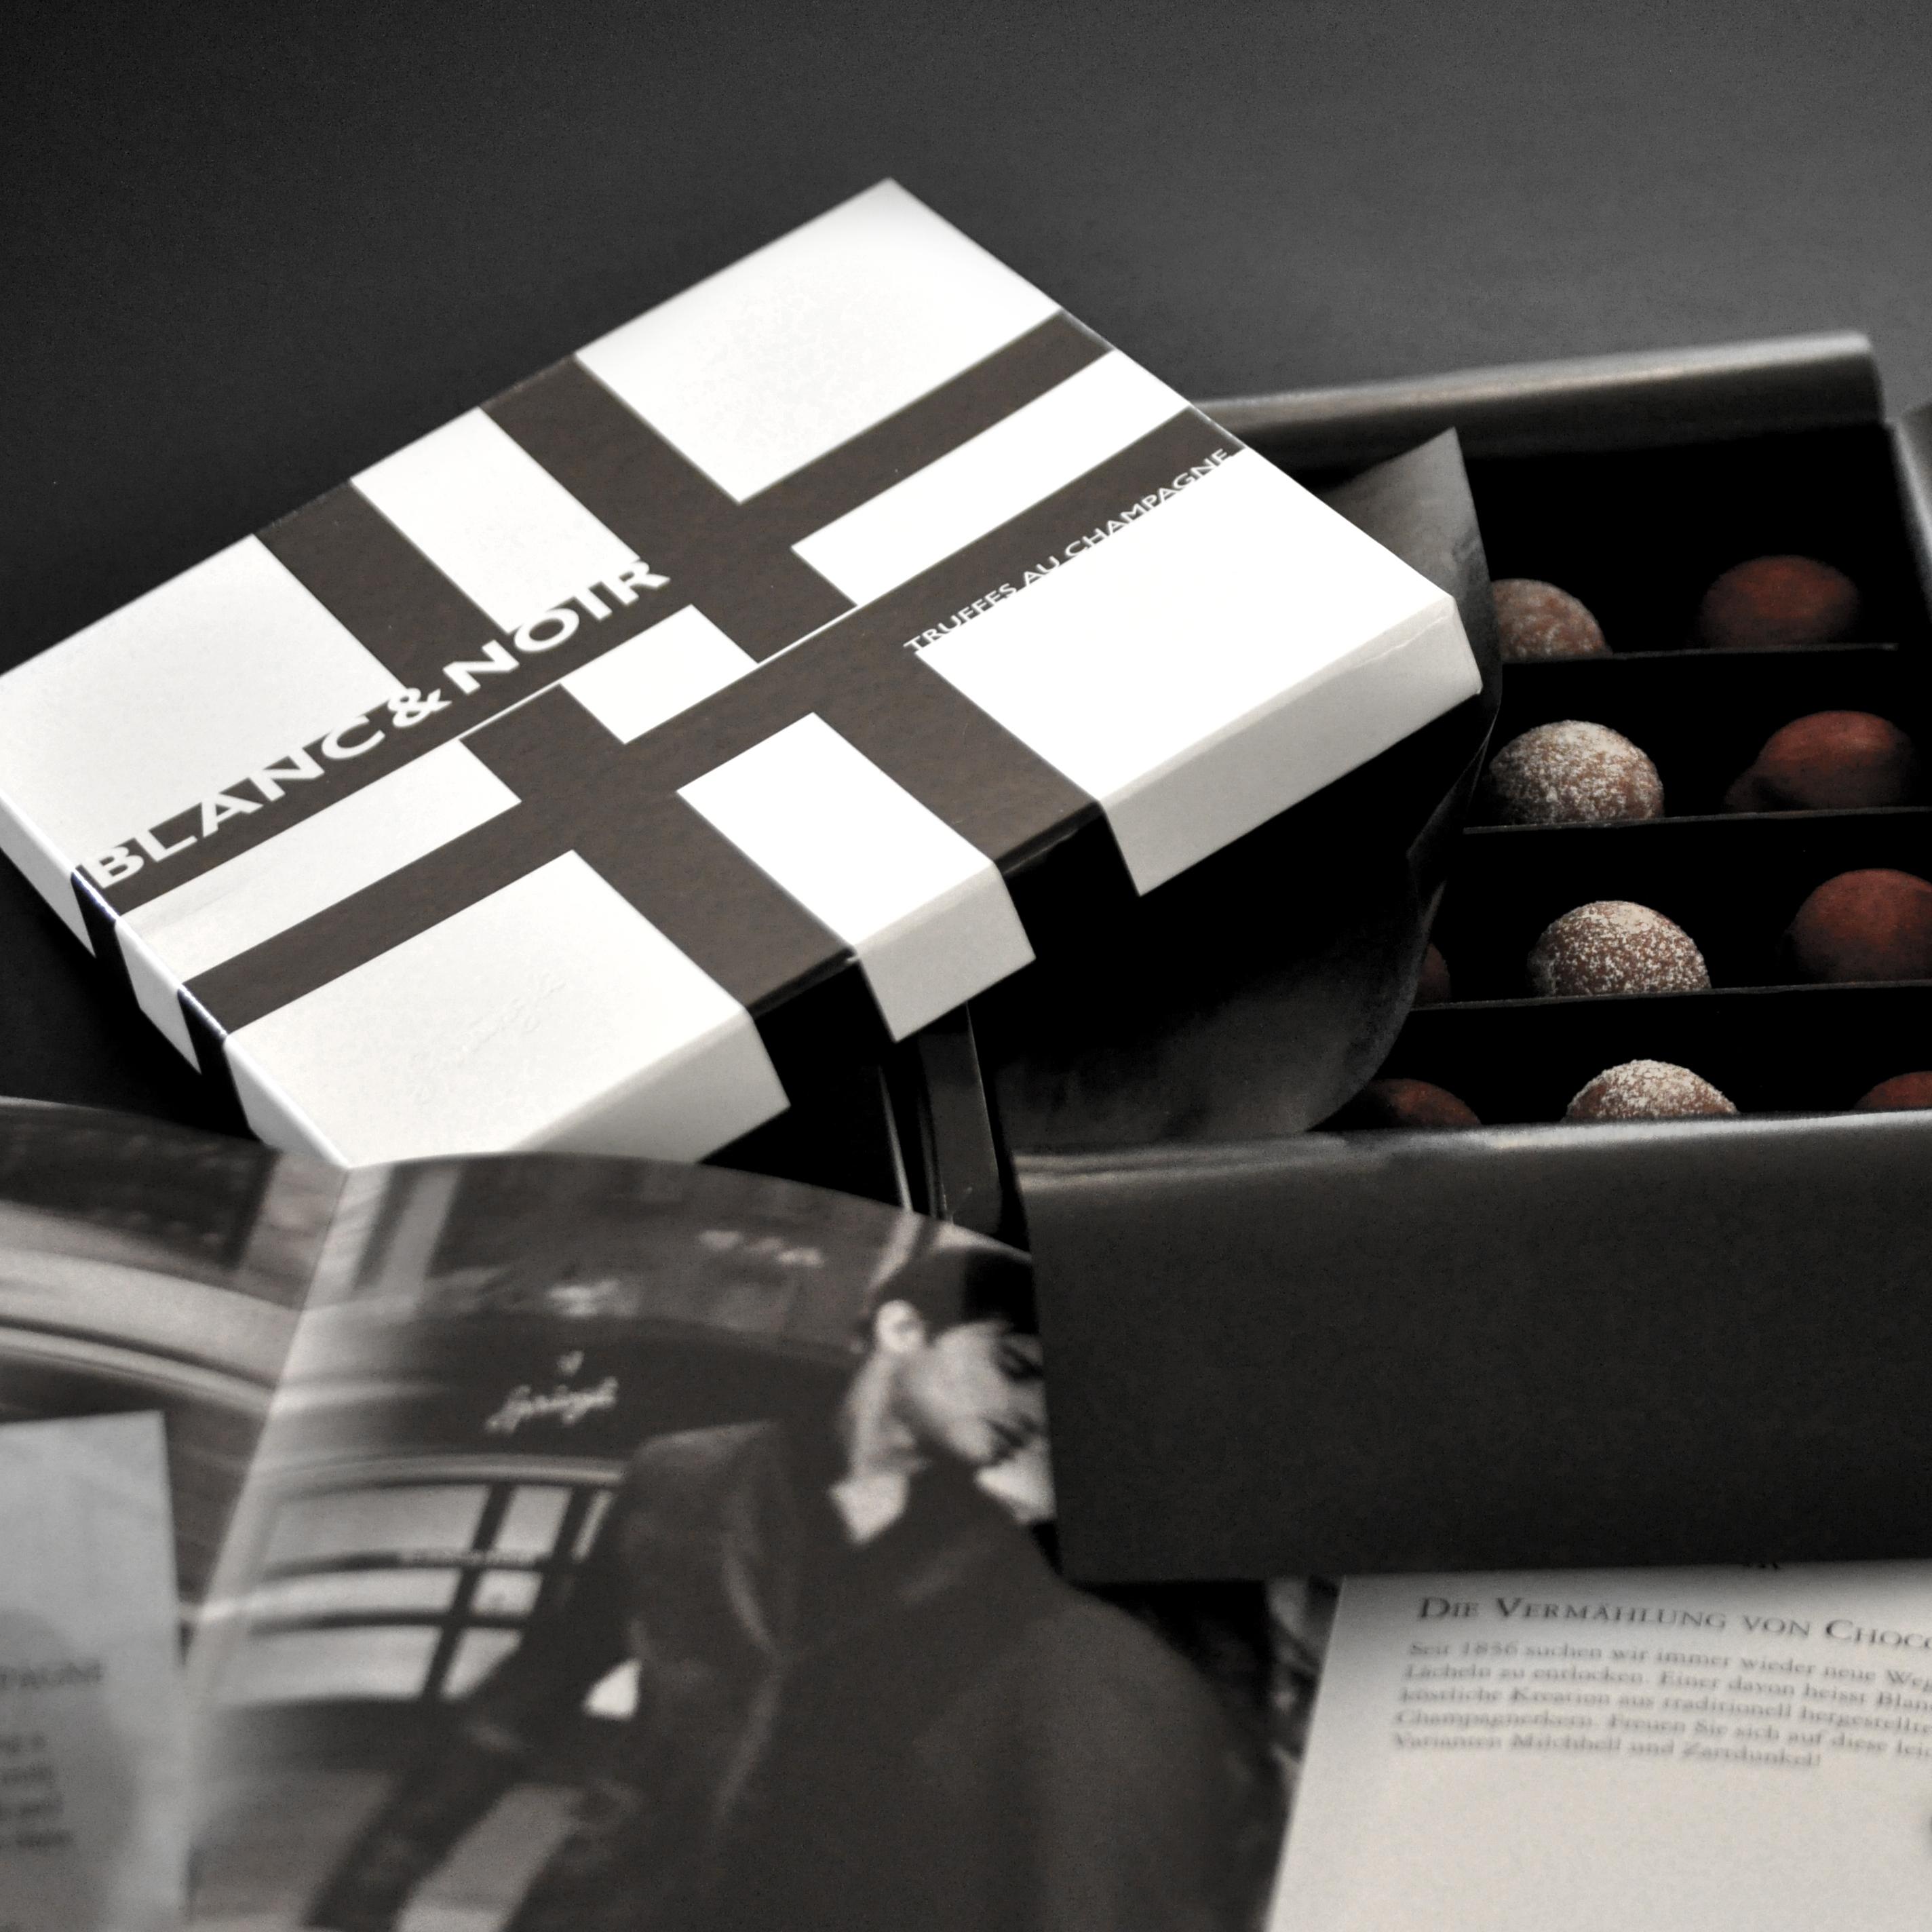 Confiserie Sprüngli Verpackungsdesign Blanc&Noir